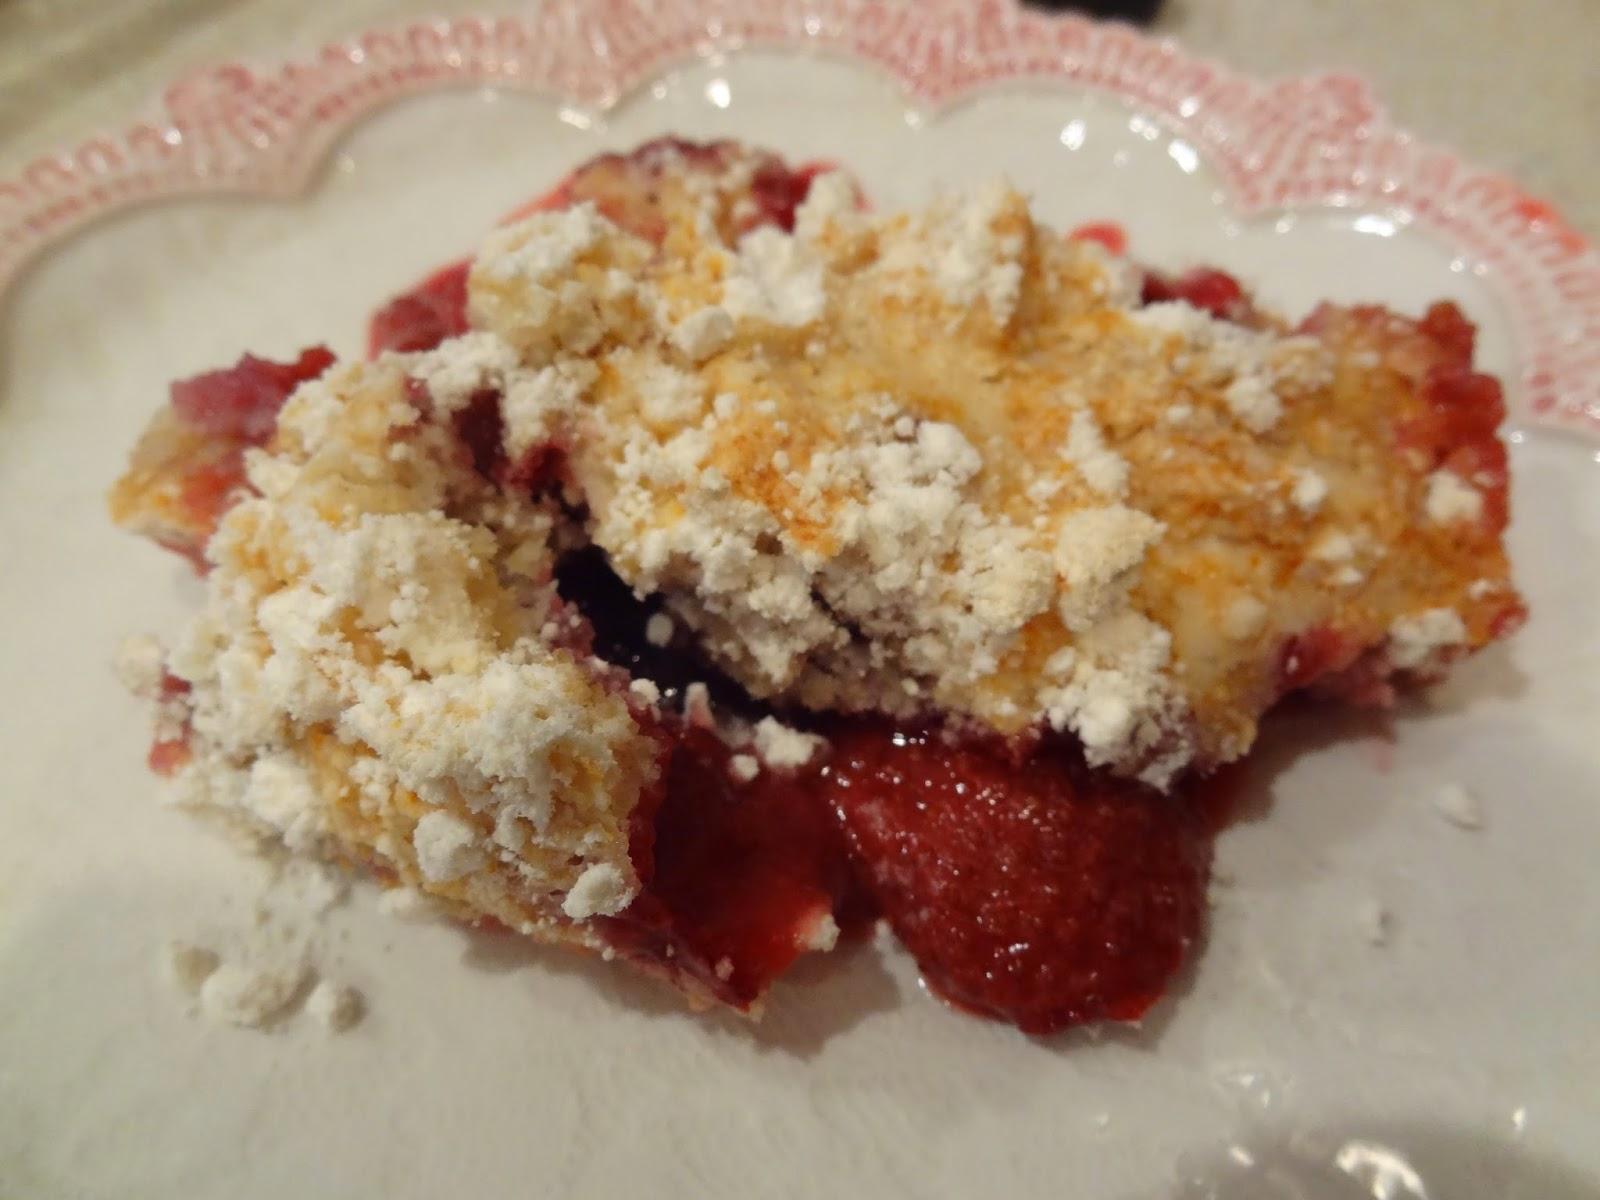 Dessertation: Weight Watchers Berry Cobbler Dump Cake